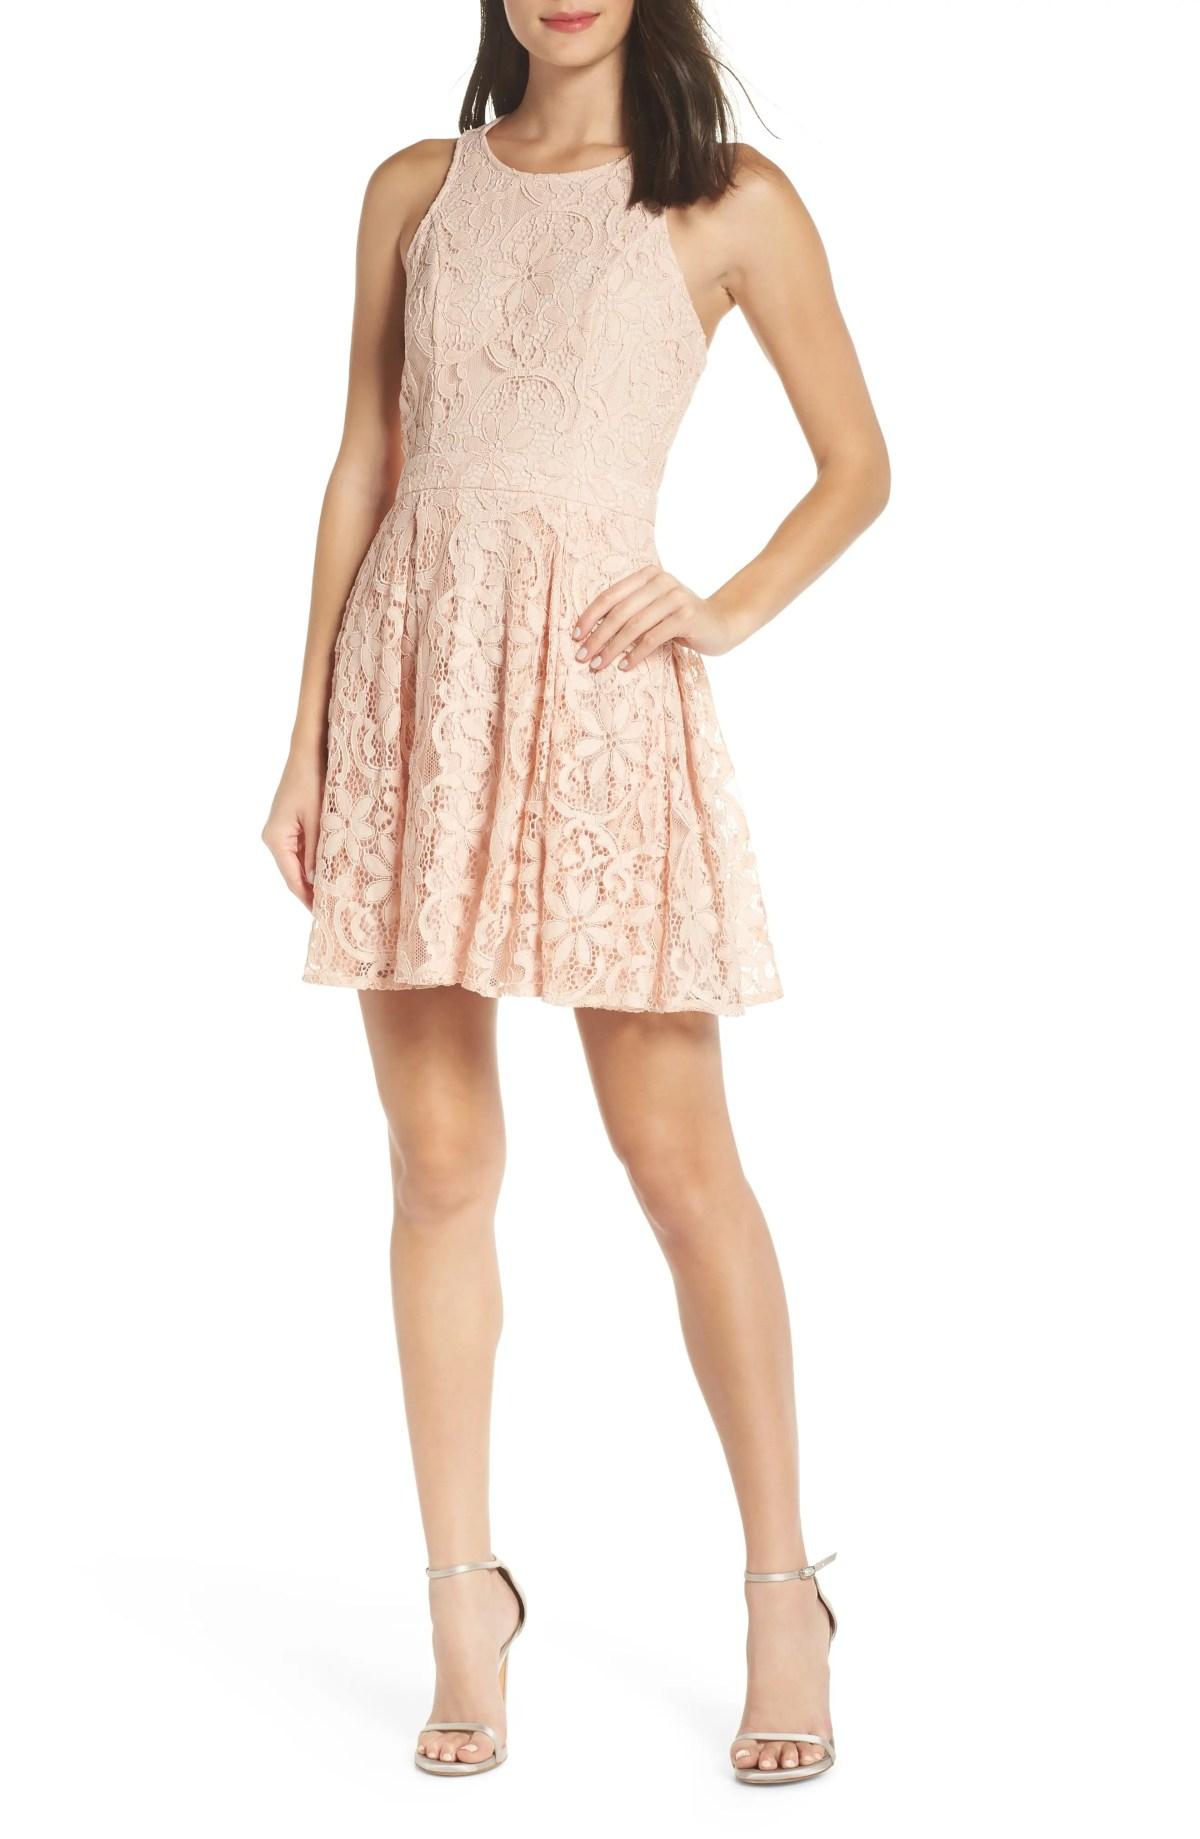 LULUS Racerback Lace Party Dress, Main, color, BLUSH